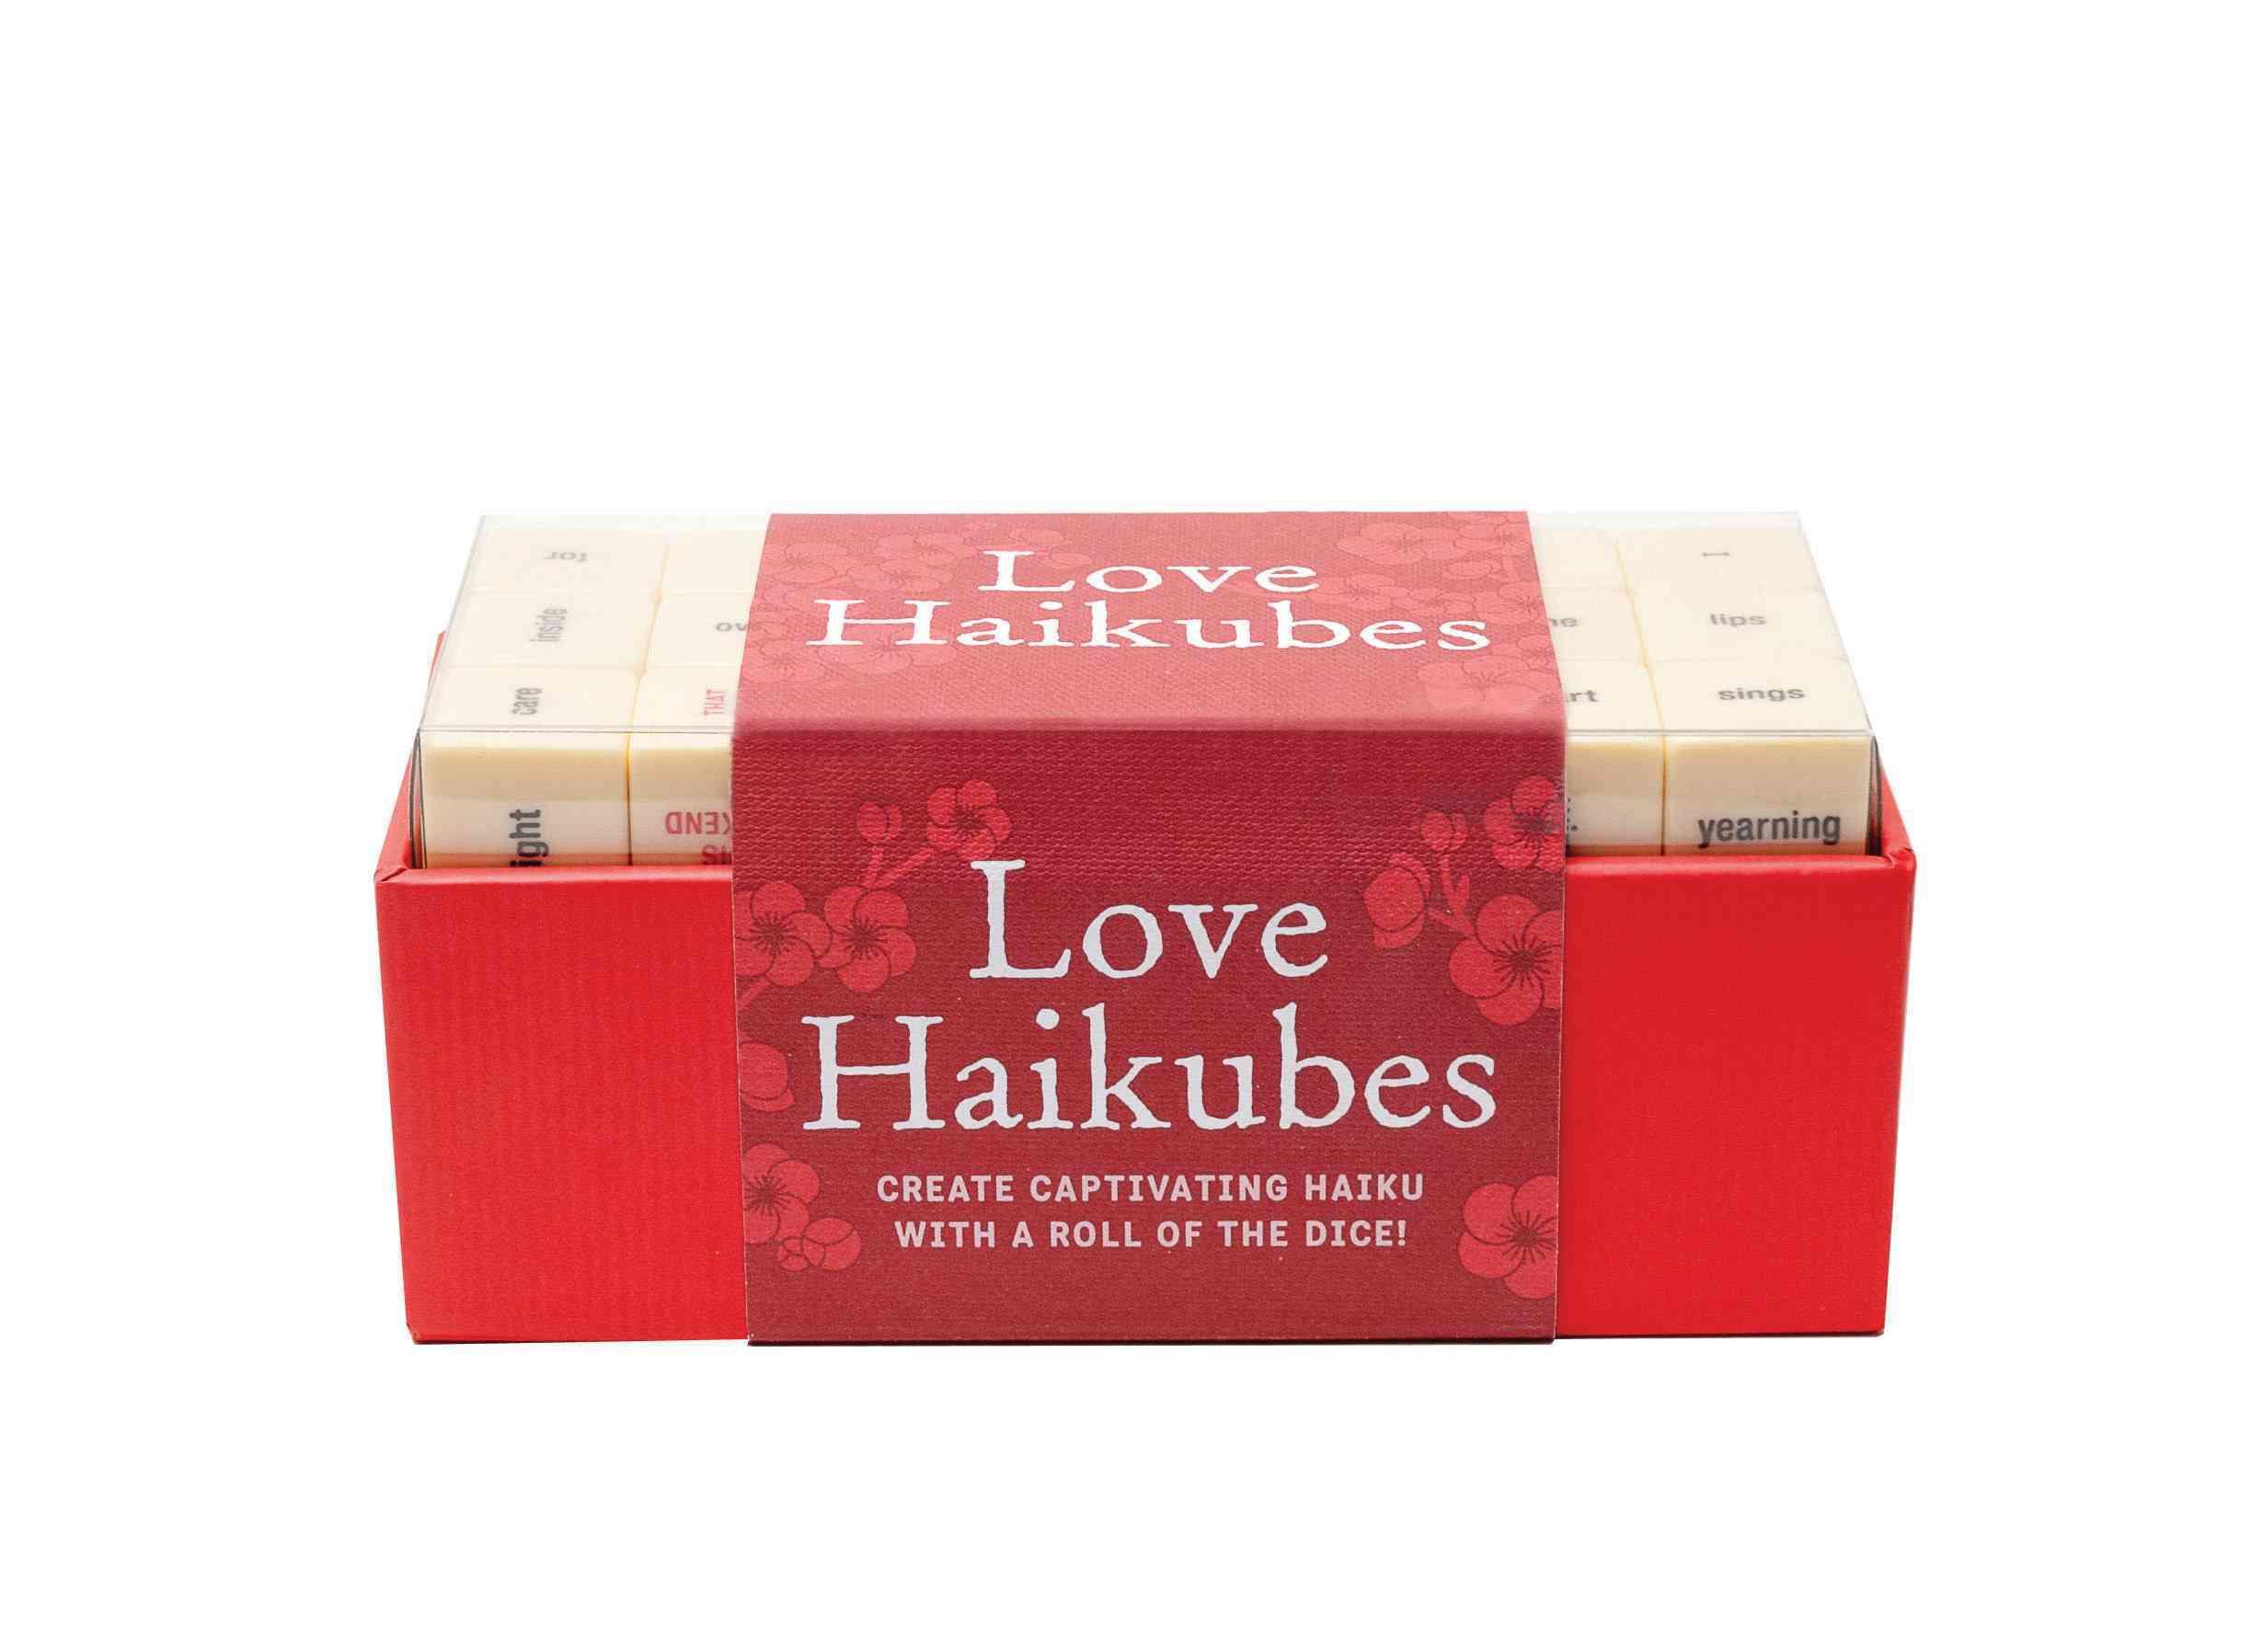 Love Haikubes (Hardcover)